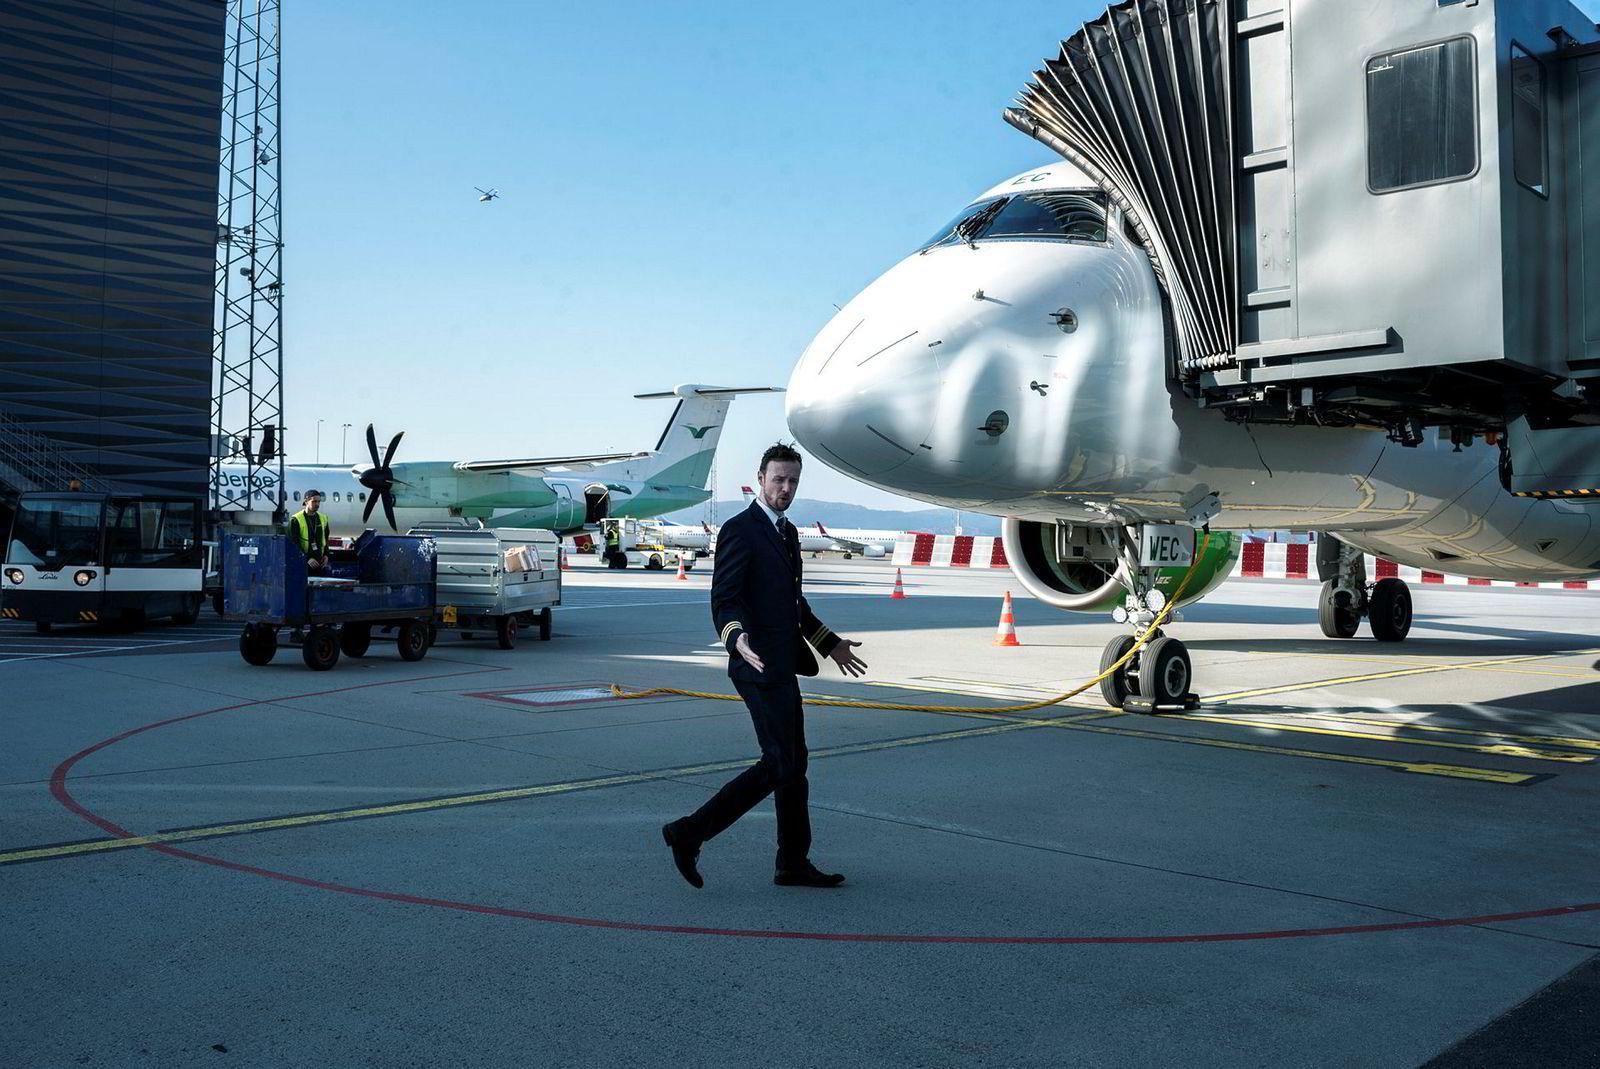 Styrmann og hovedverneombud Endre Kleiven i Widerøe gjorde seg mandag klar for å fly passasjerer fra Bergen til Tromsø. De uftfartsansatte er bekymret for fremtiden til bransjen hvis det ikke kommer ny nødhjelp fra staten.